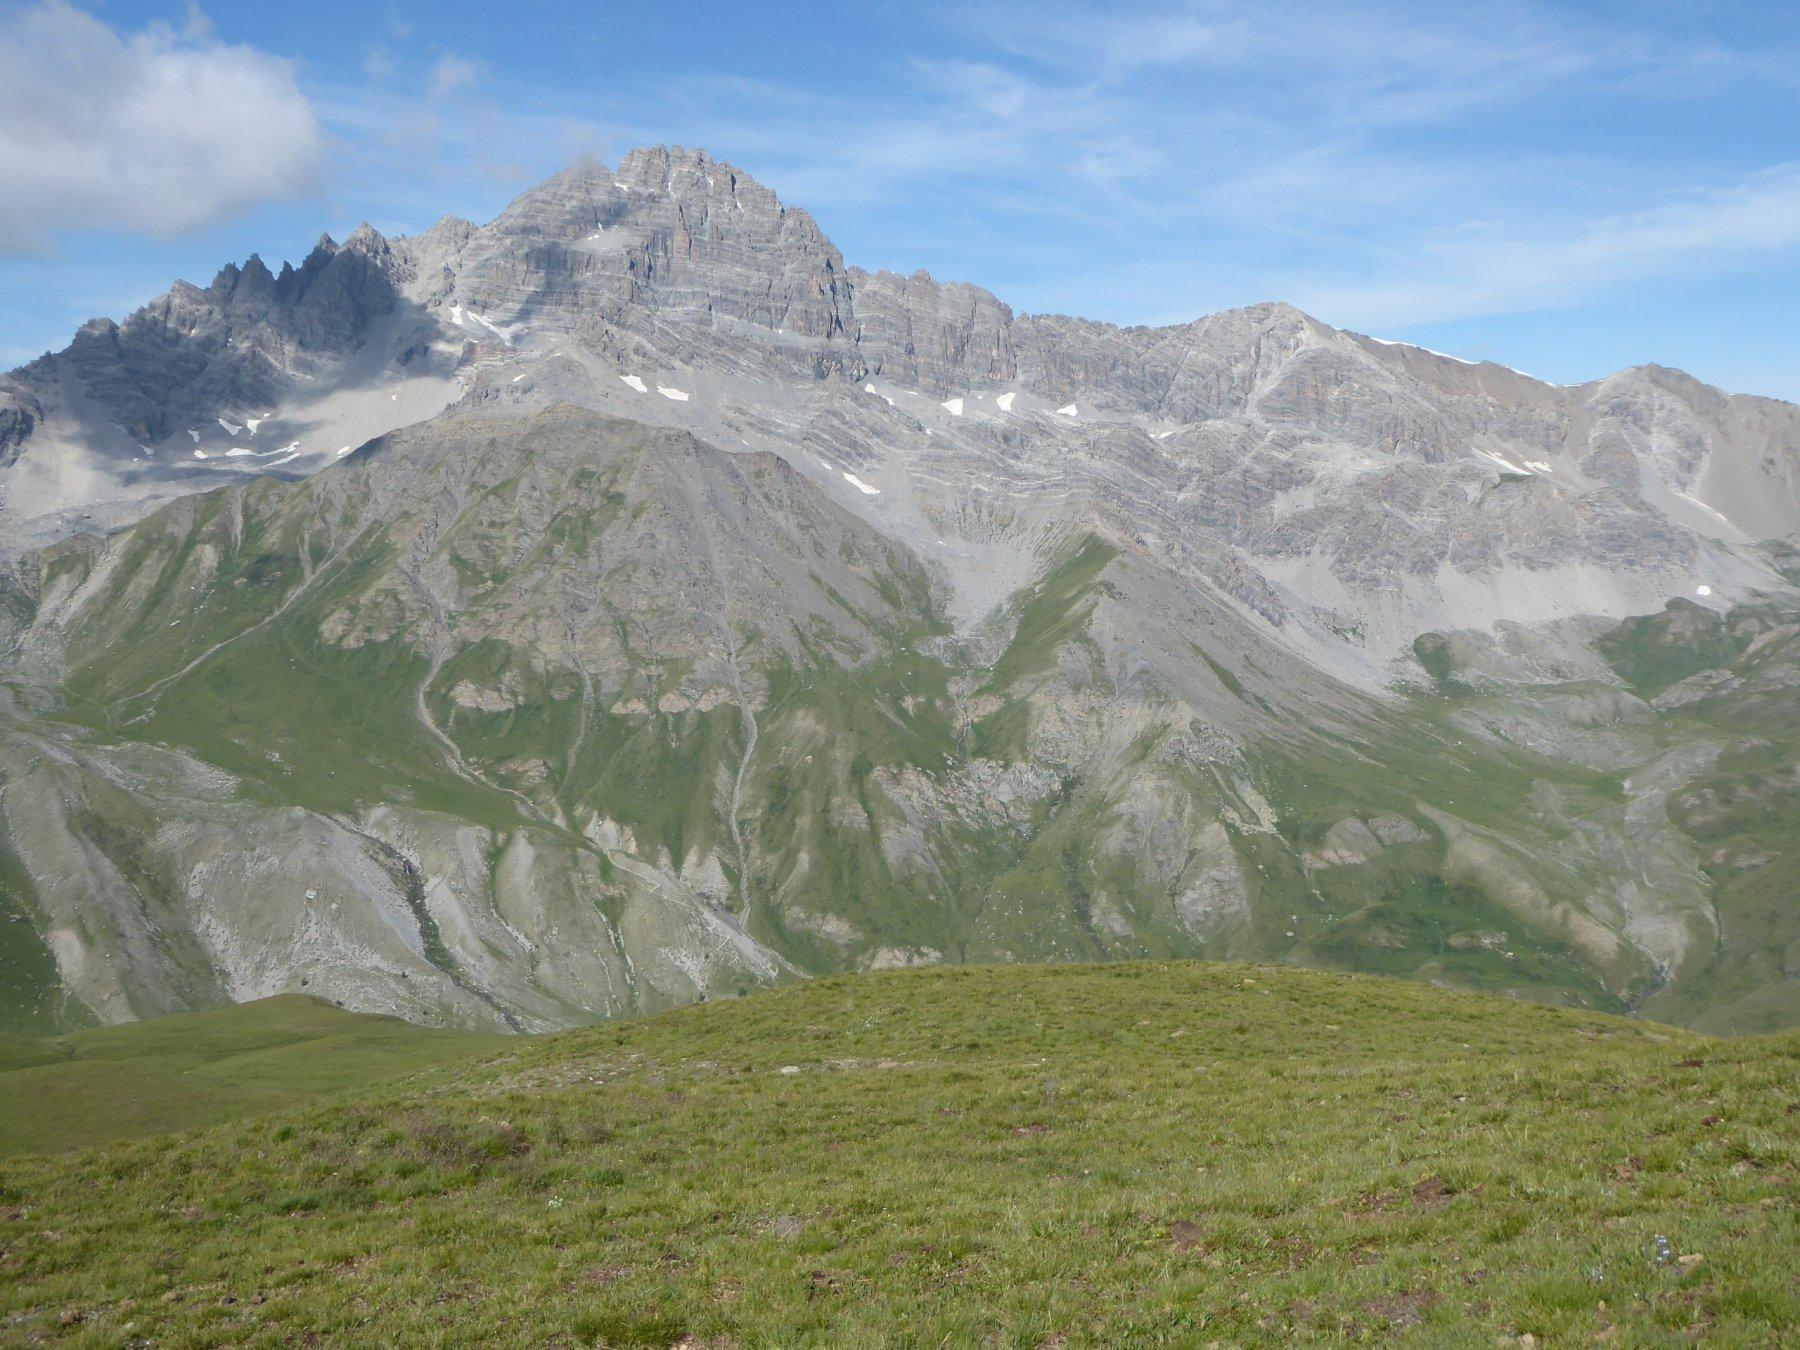 Pic de Rochebrune e a destra Pointe de l'Escalinade e, ancora più a destra, Turge de la Suffie